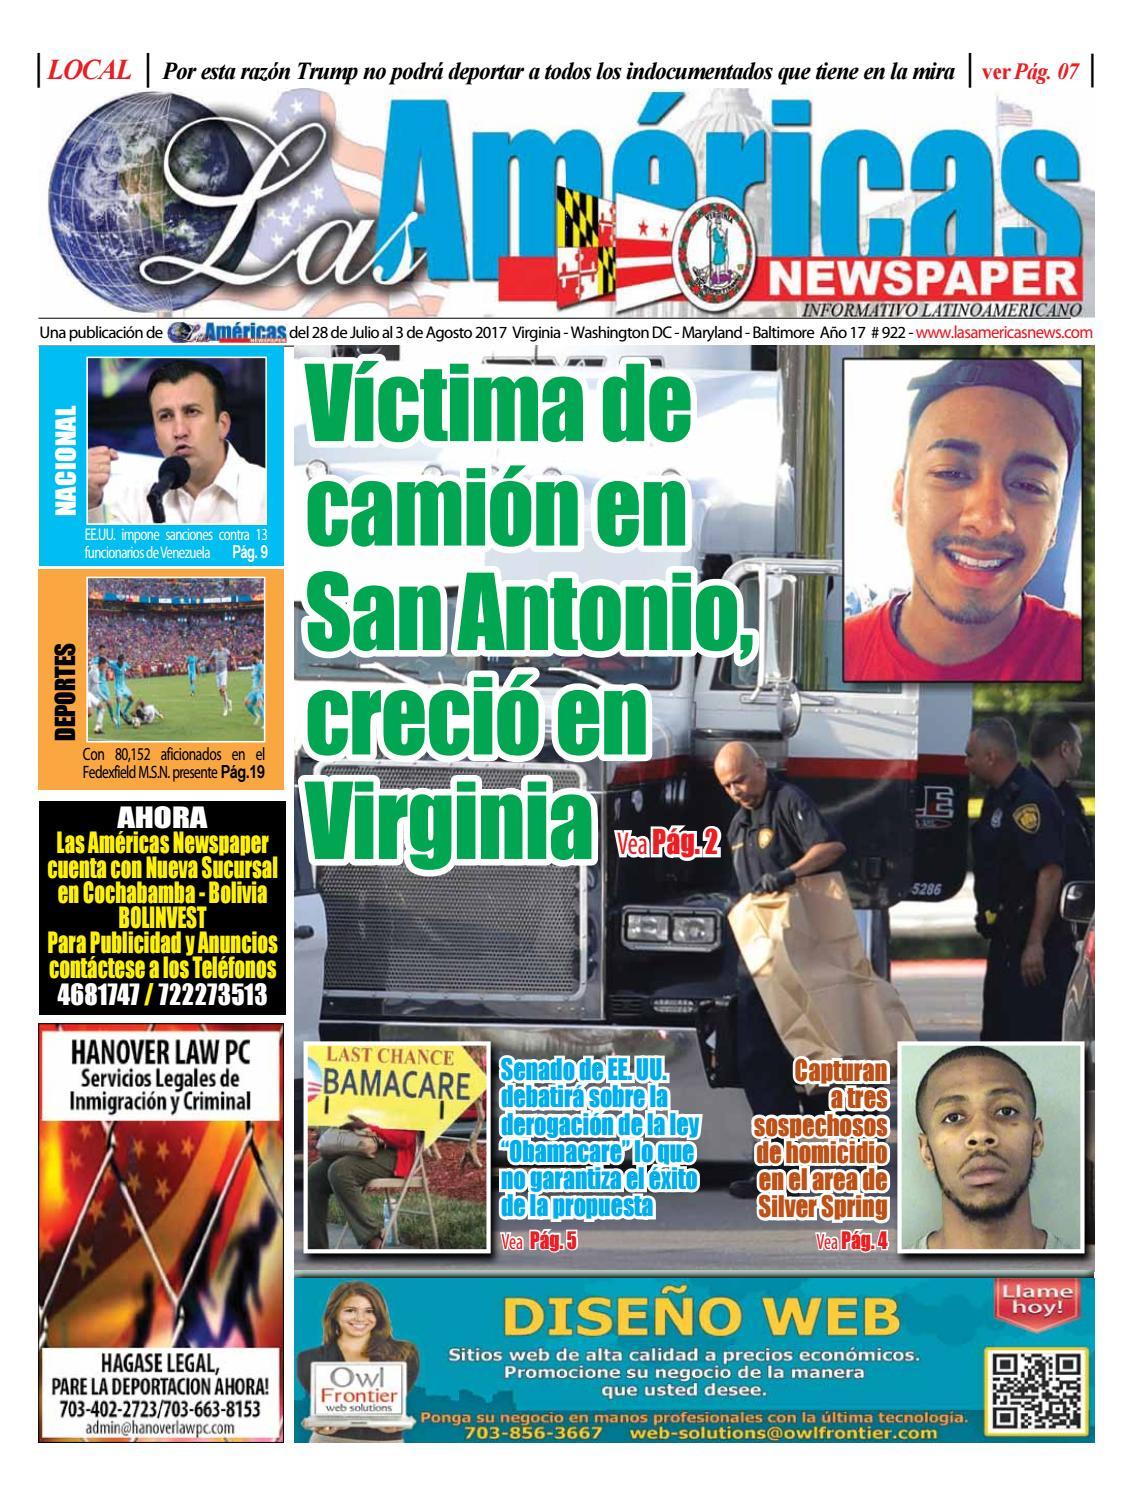 Víctima de camión con inmigrantes en San Antonio creció en Virginia ...